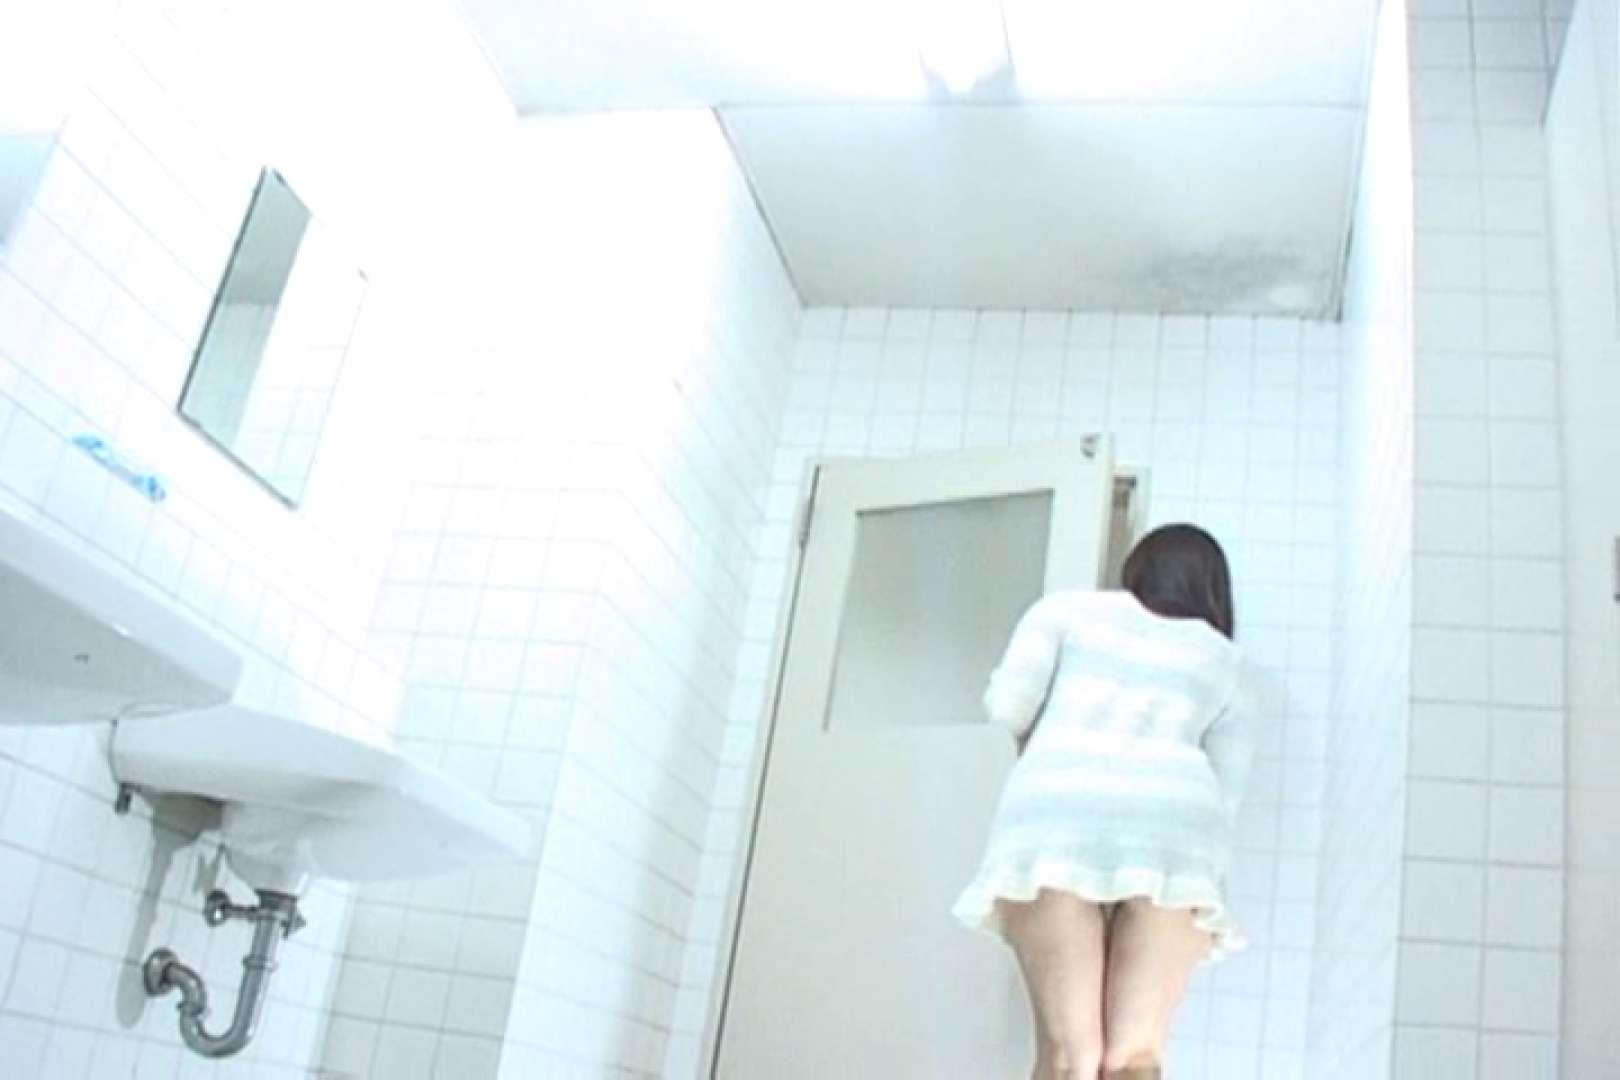 出ちゃう!漏れちゃう!!人妻編Vol.3 洗面所 オメコ動画キャプチャ 108PIX 104